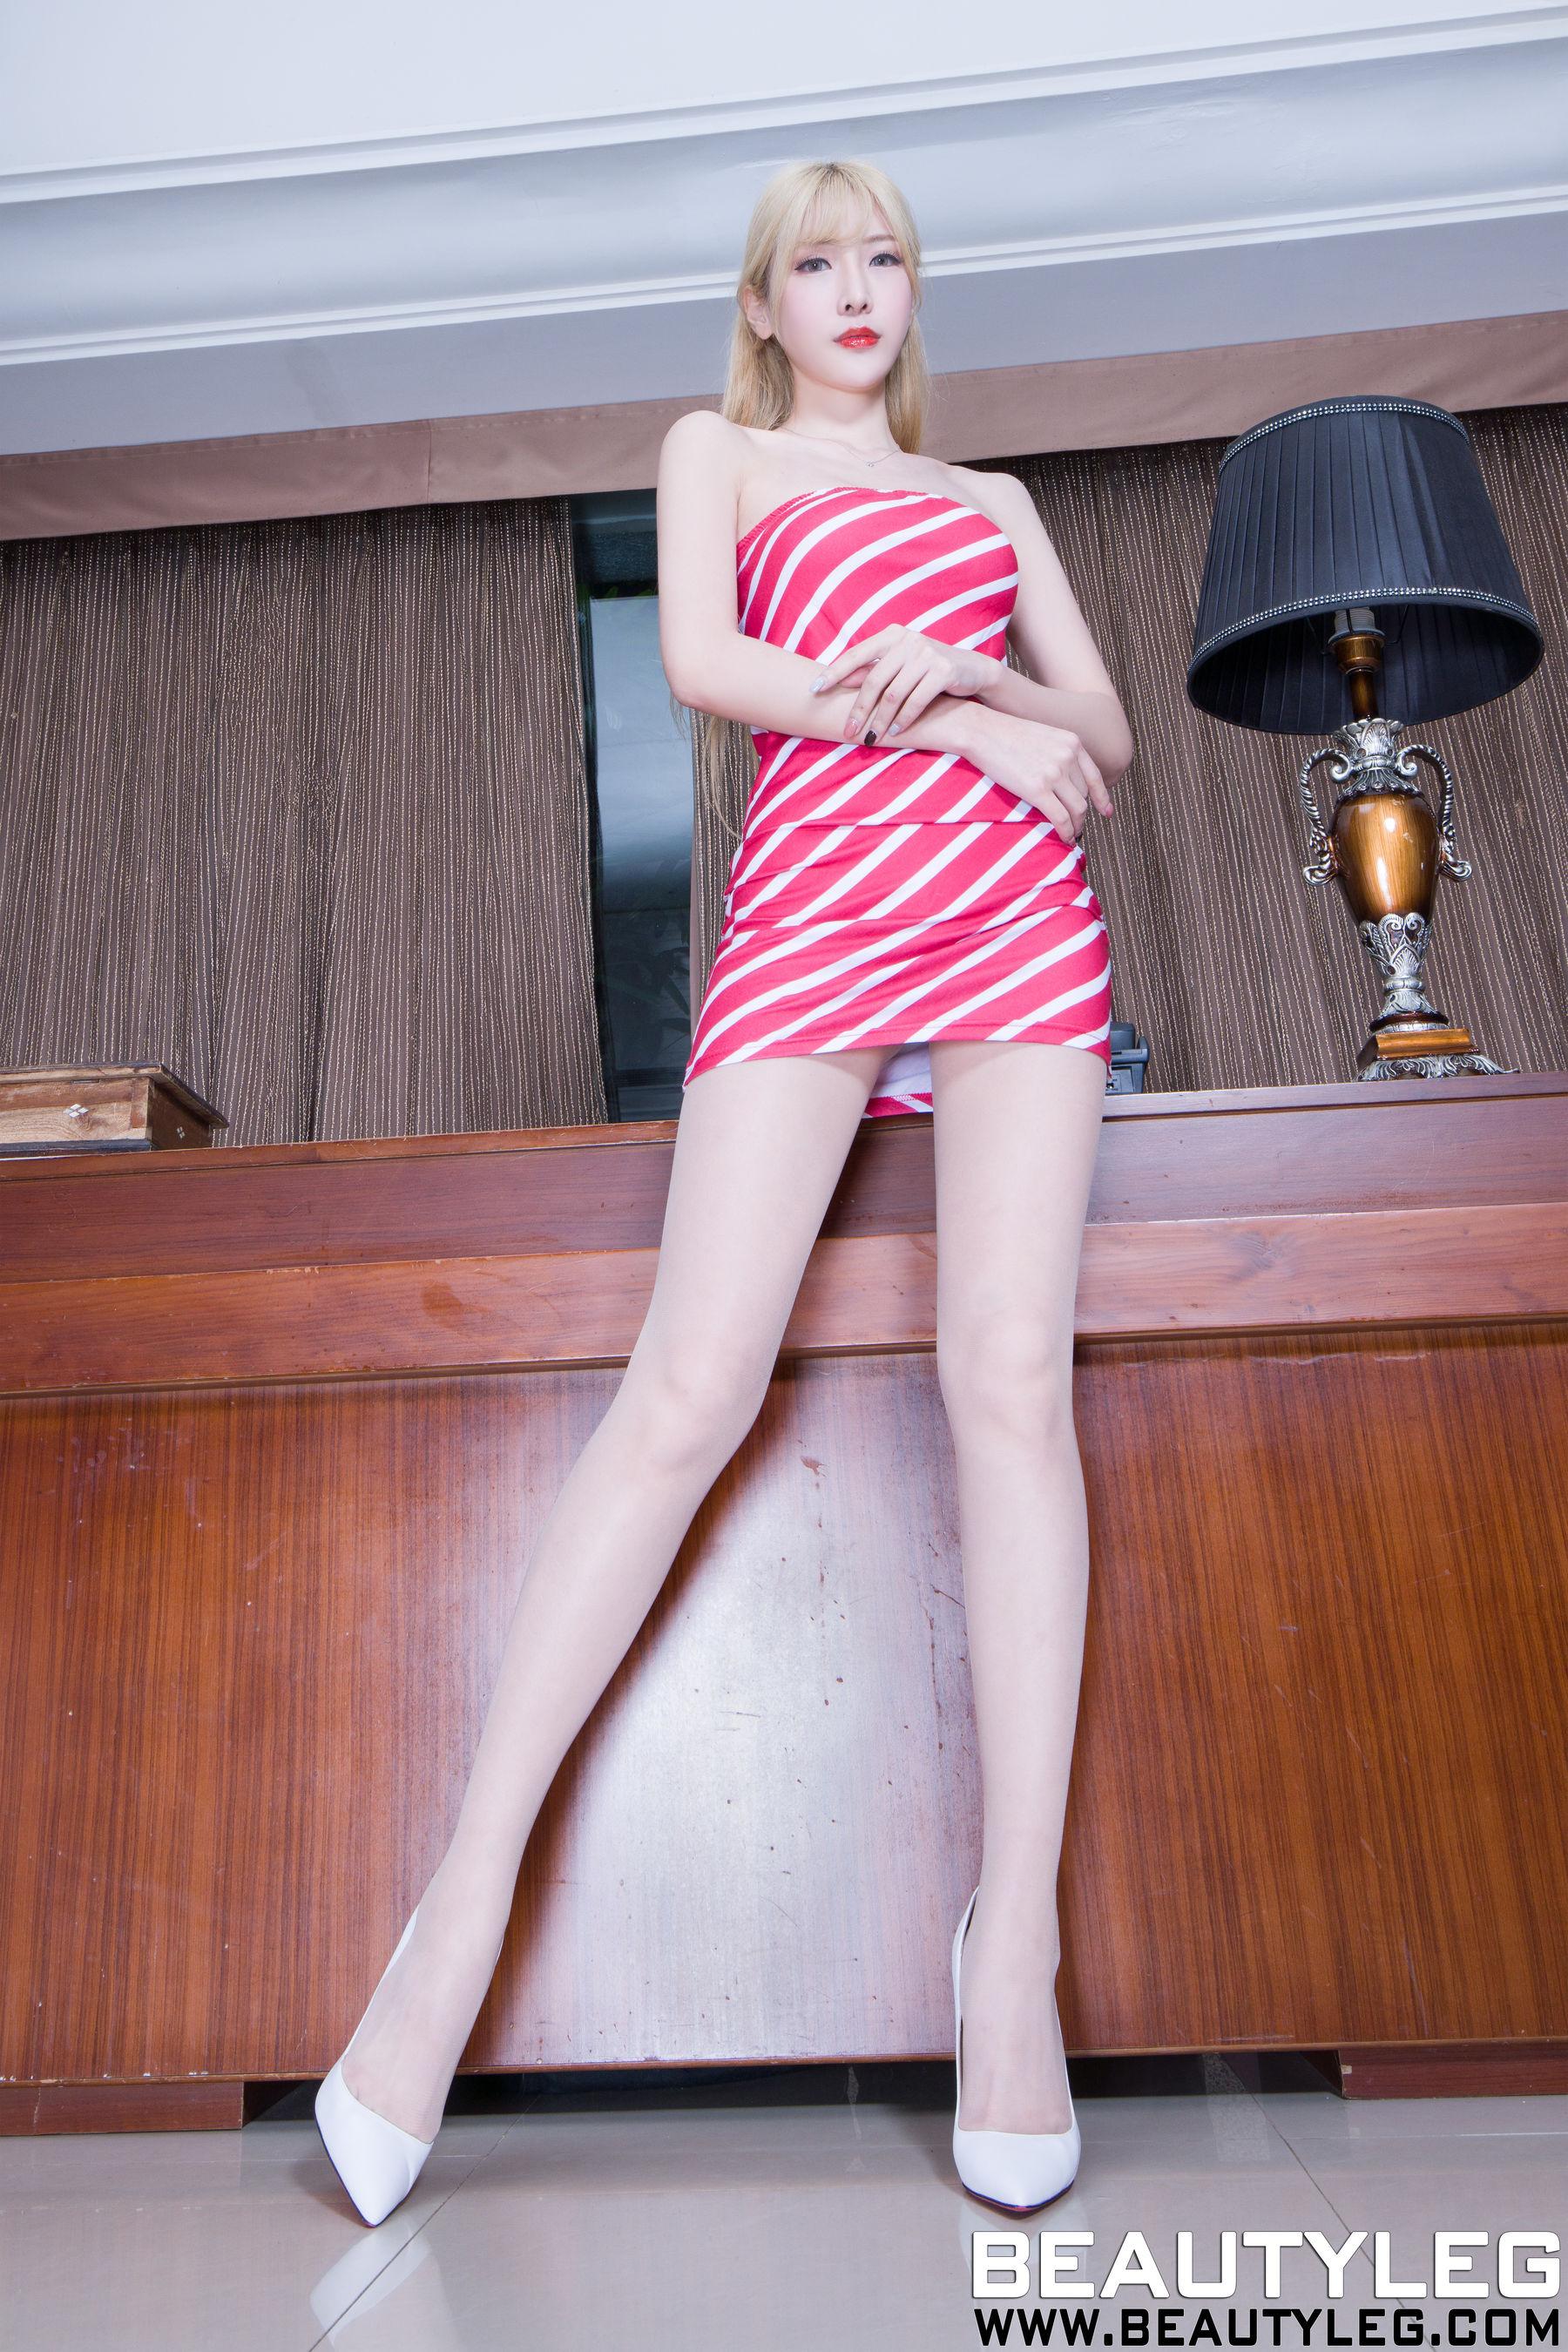 VOL.1443 [Beautyleg]超短裙美腿高跟:李小星(Beautyleg腿模Xin)超高清个人性感漂亮大图(63P)